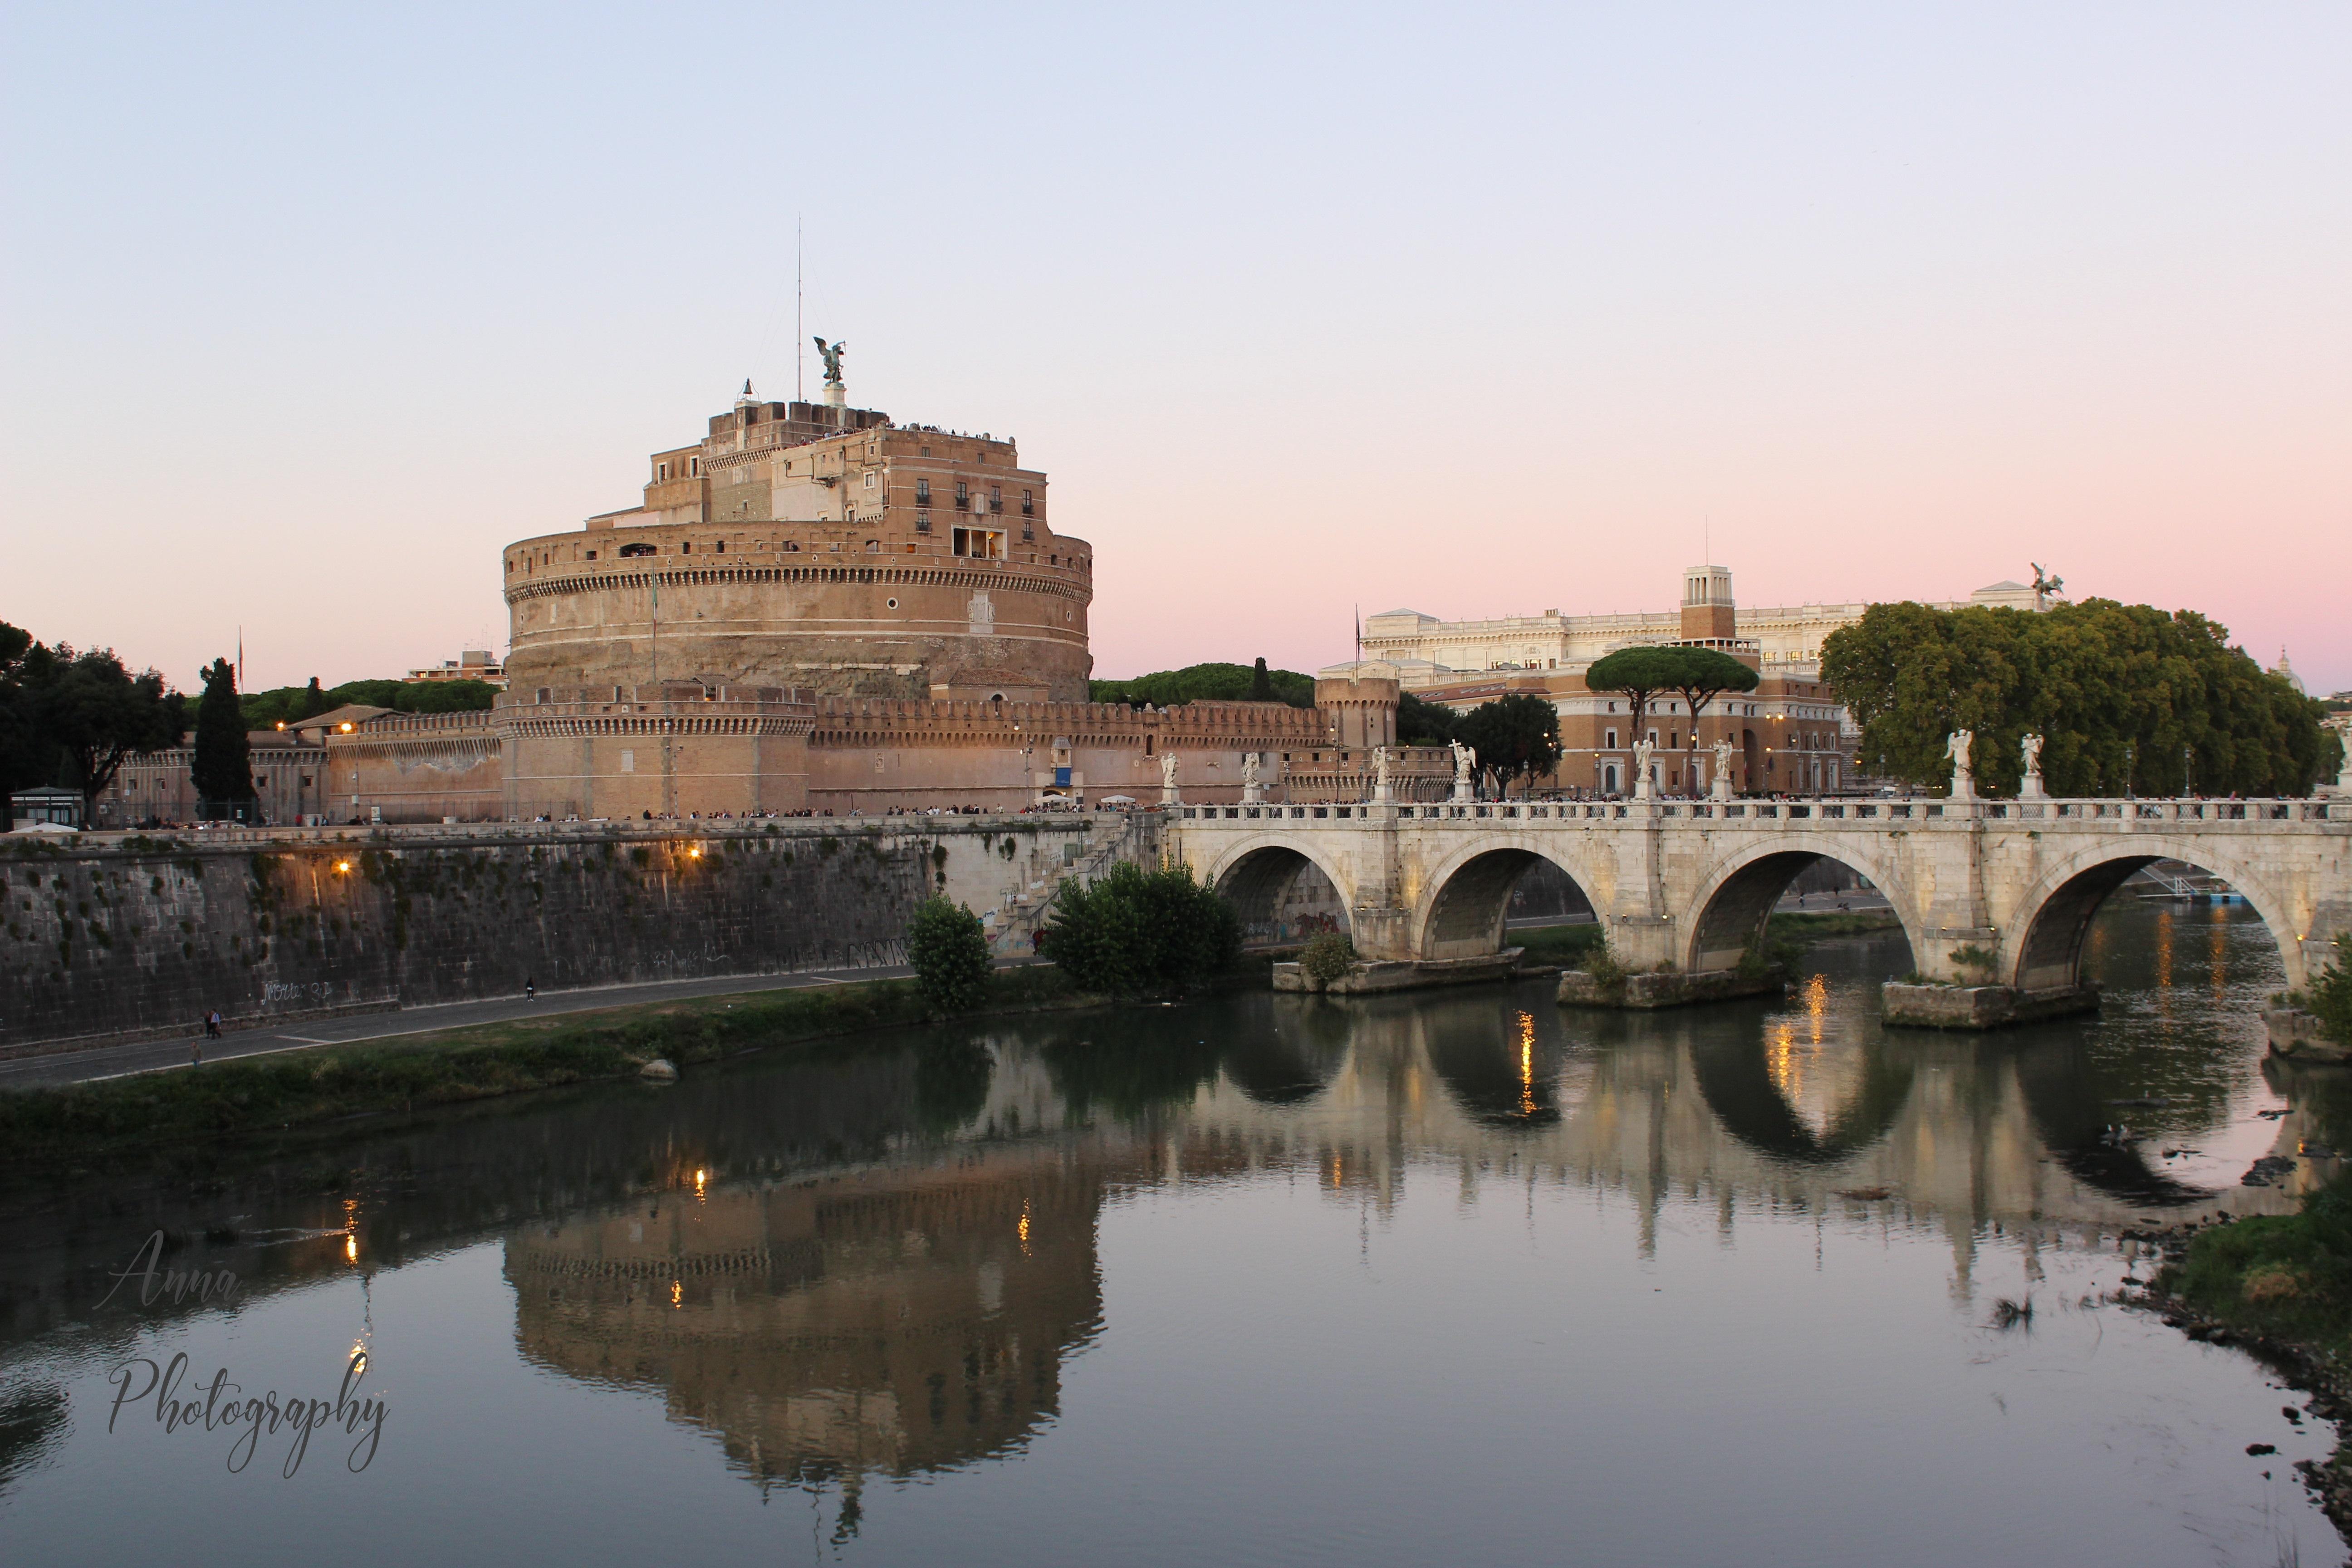 Castel Sant'Angelo Bridge example image 1